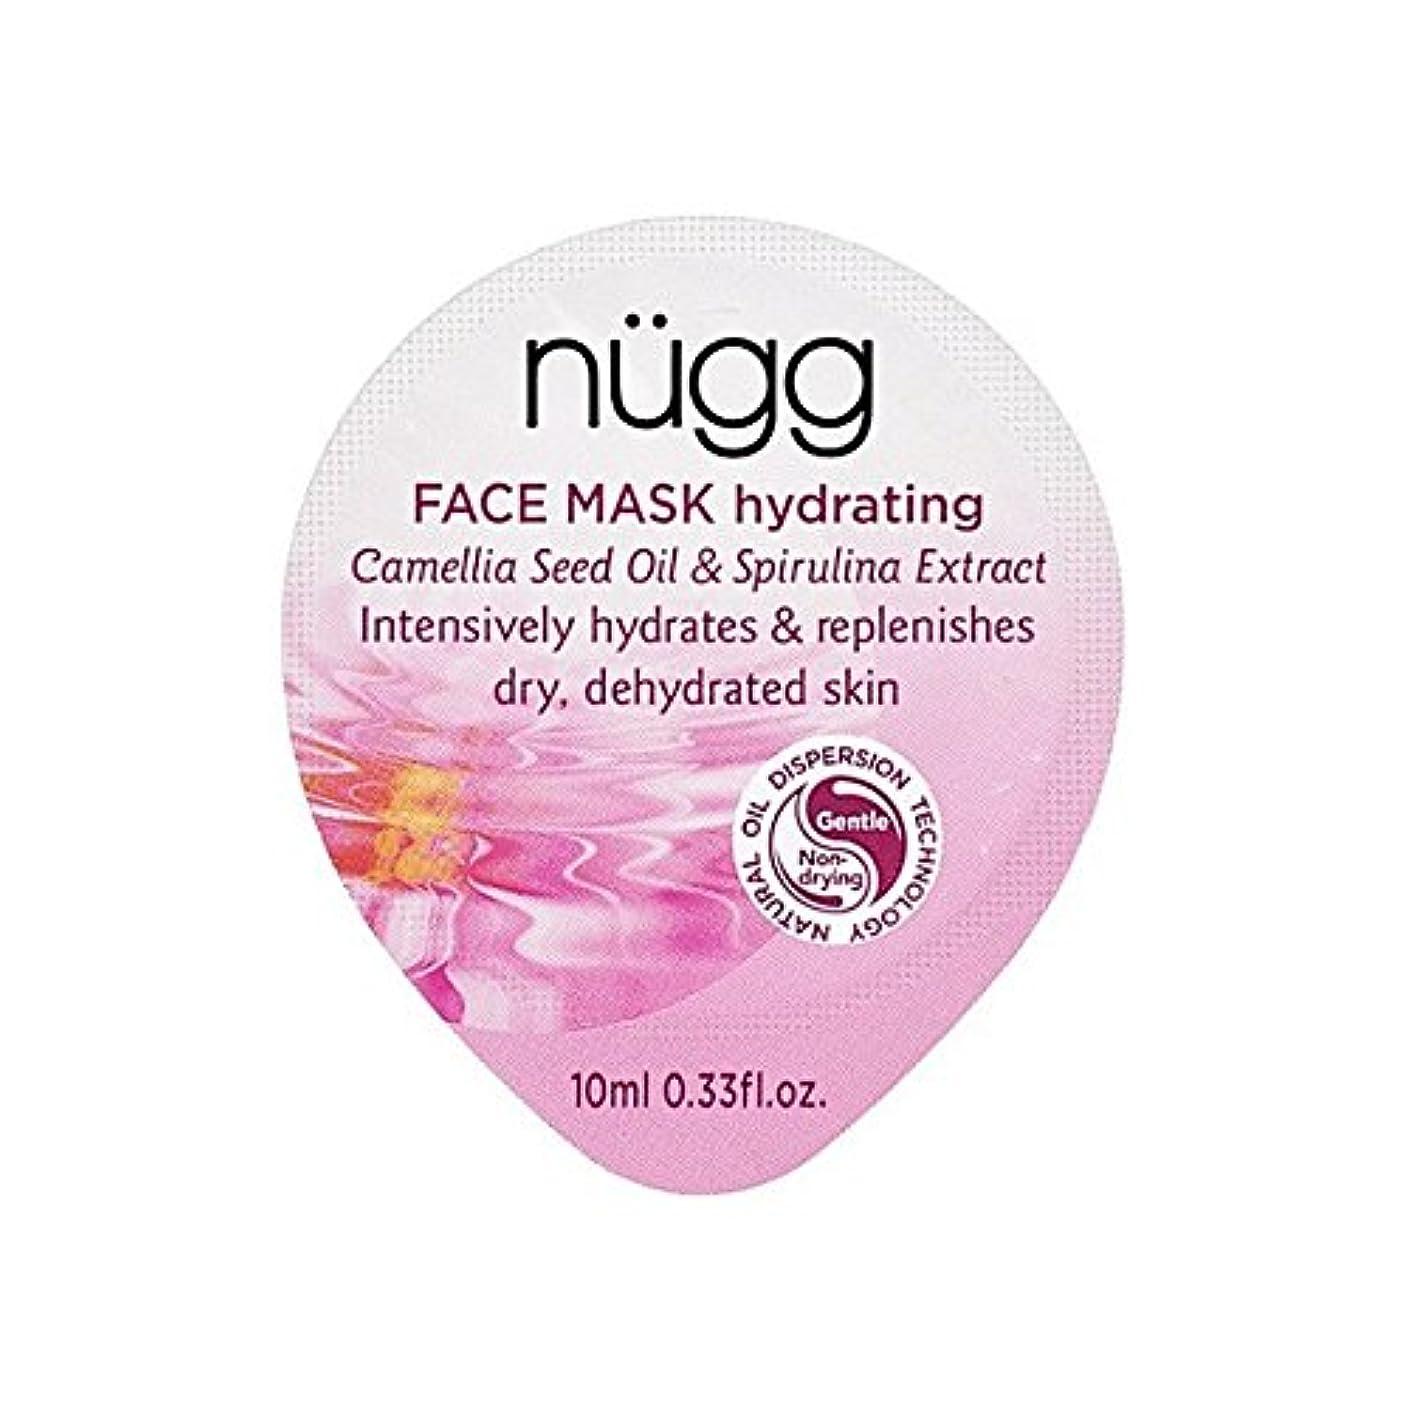 スイス人トレード散歩に行く水和フェイスマスク x4 - Nugg Hydrating Face Mask (Pack of 4) [並行輸入品]